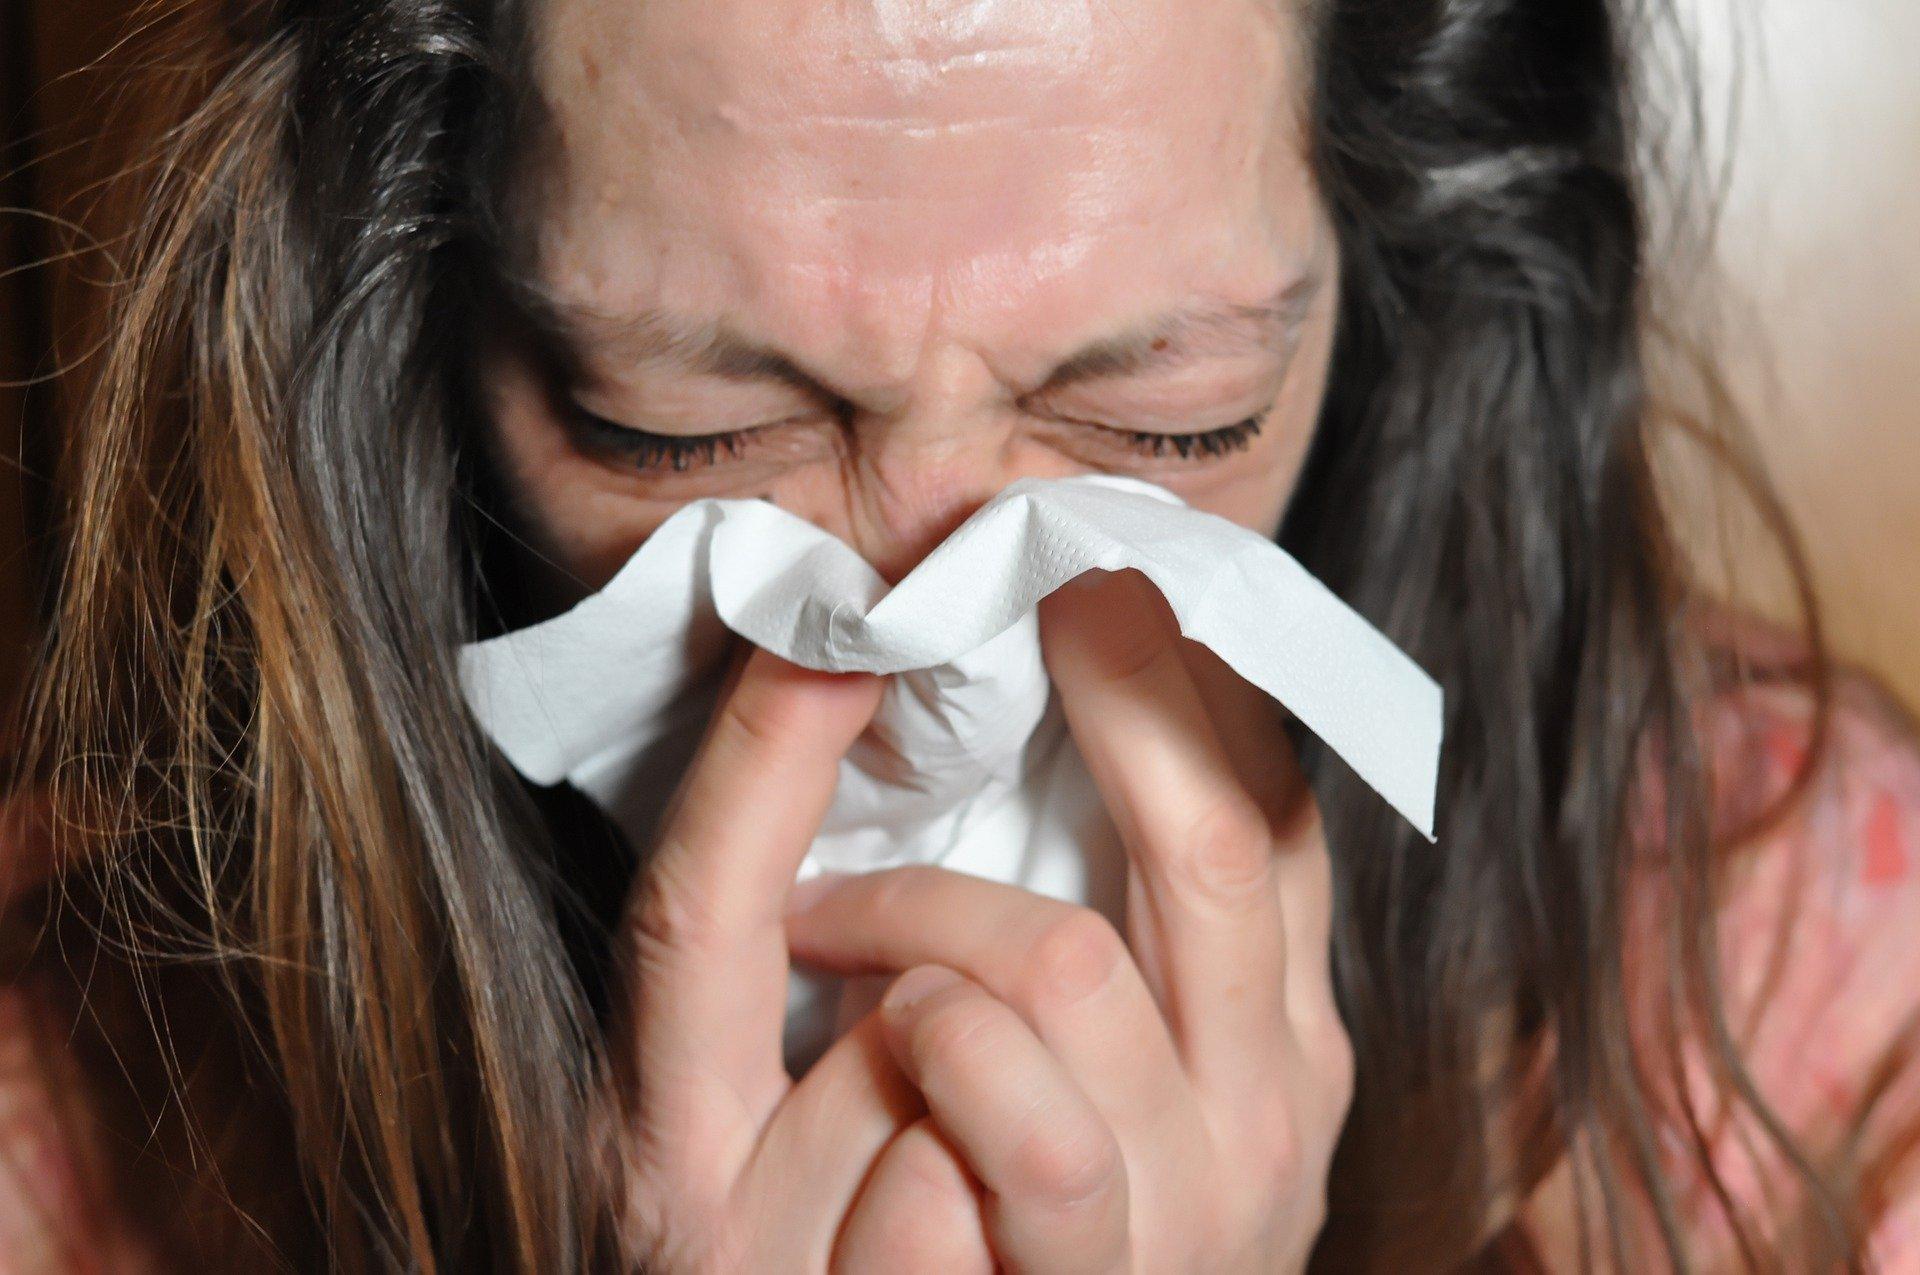 """""""Ha.. Haaaa.. Hatschi!"""" - """"Gesundheit!"""": 33 Dinge die man noch sagen kann, wenn jemand niest"""